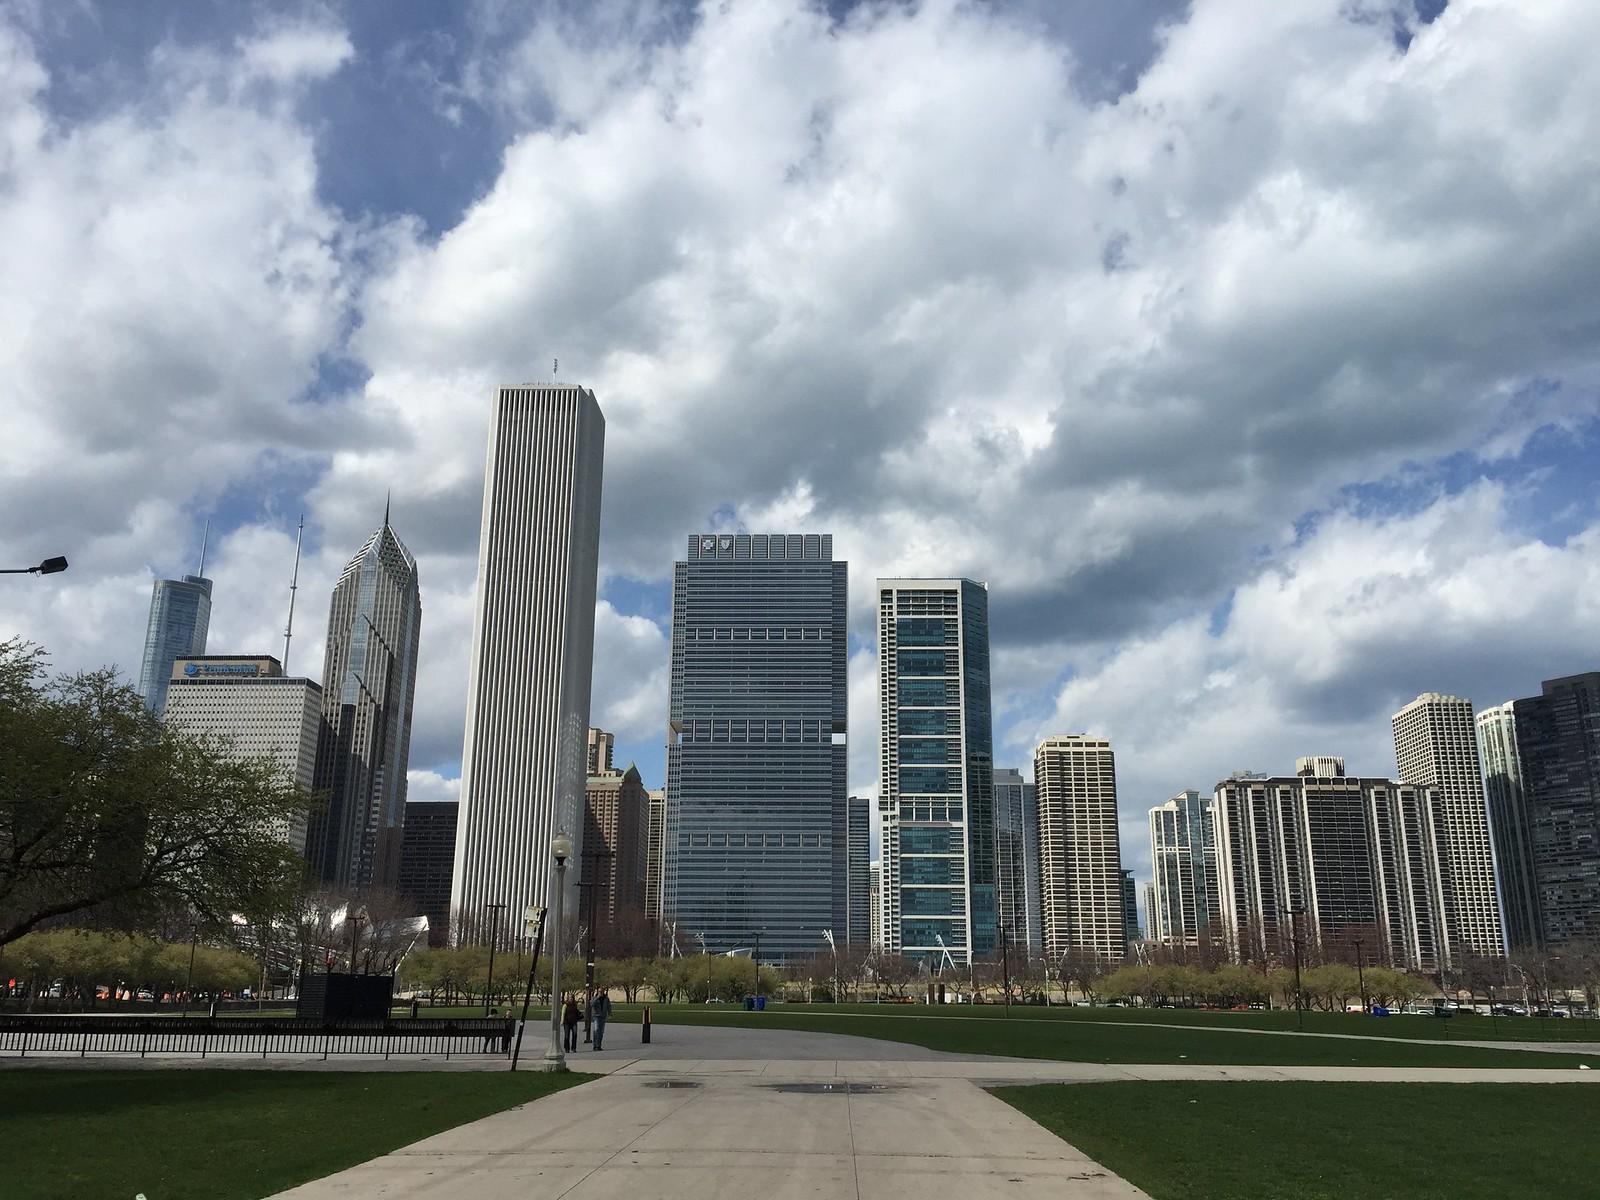 Chicago Millennium Park 21-04-2015 15-17-08